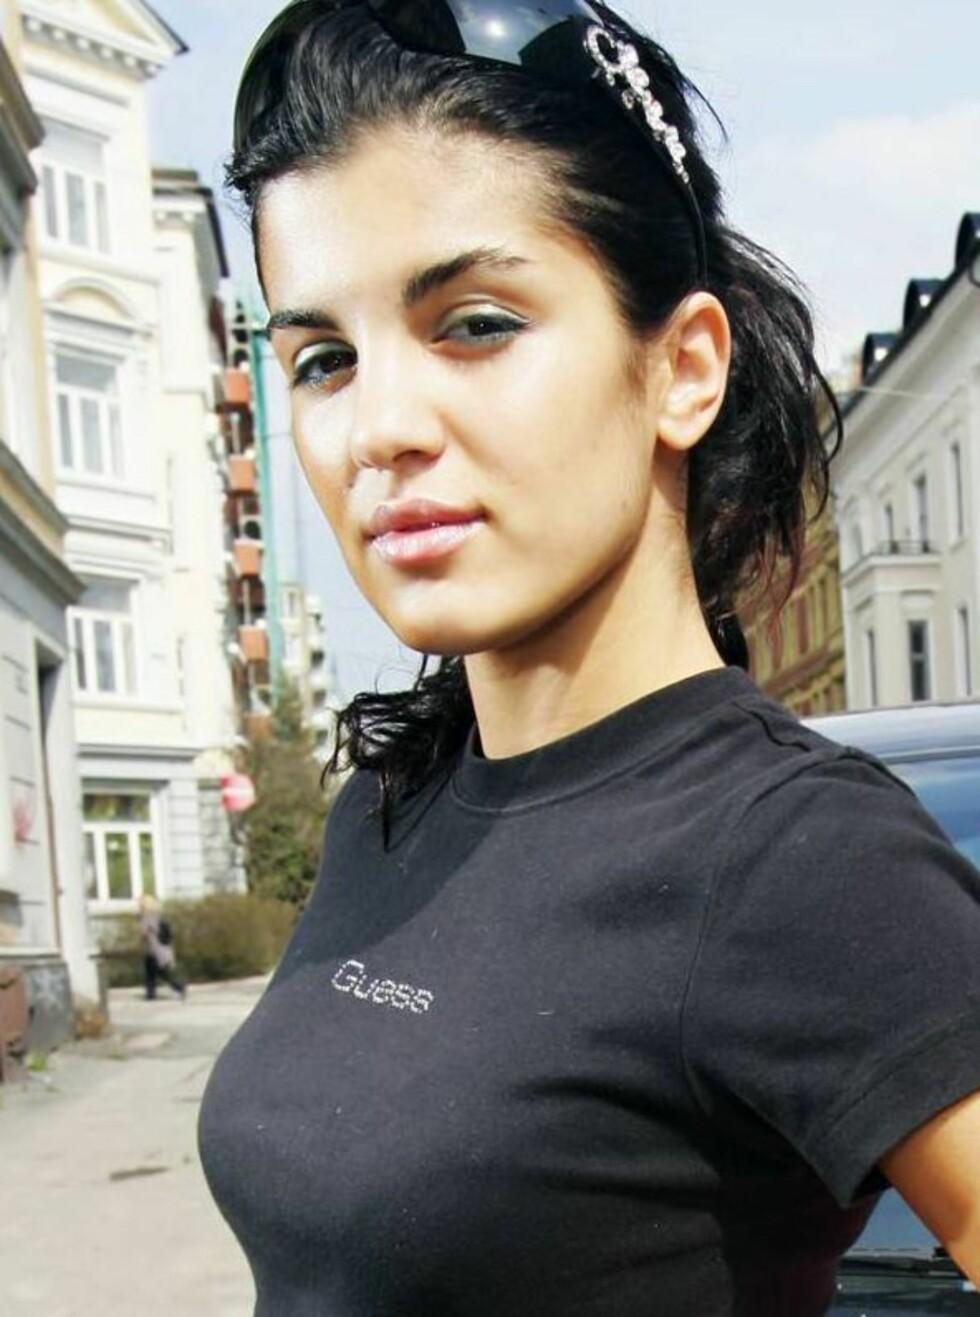 MISTET ALT: Etter å ha blitt rundstjålet i Cannes måtte Aylar reise pengelens hjem. Foto: Espen Solli